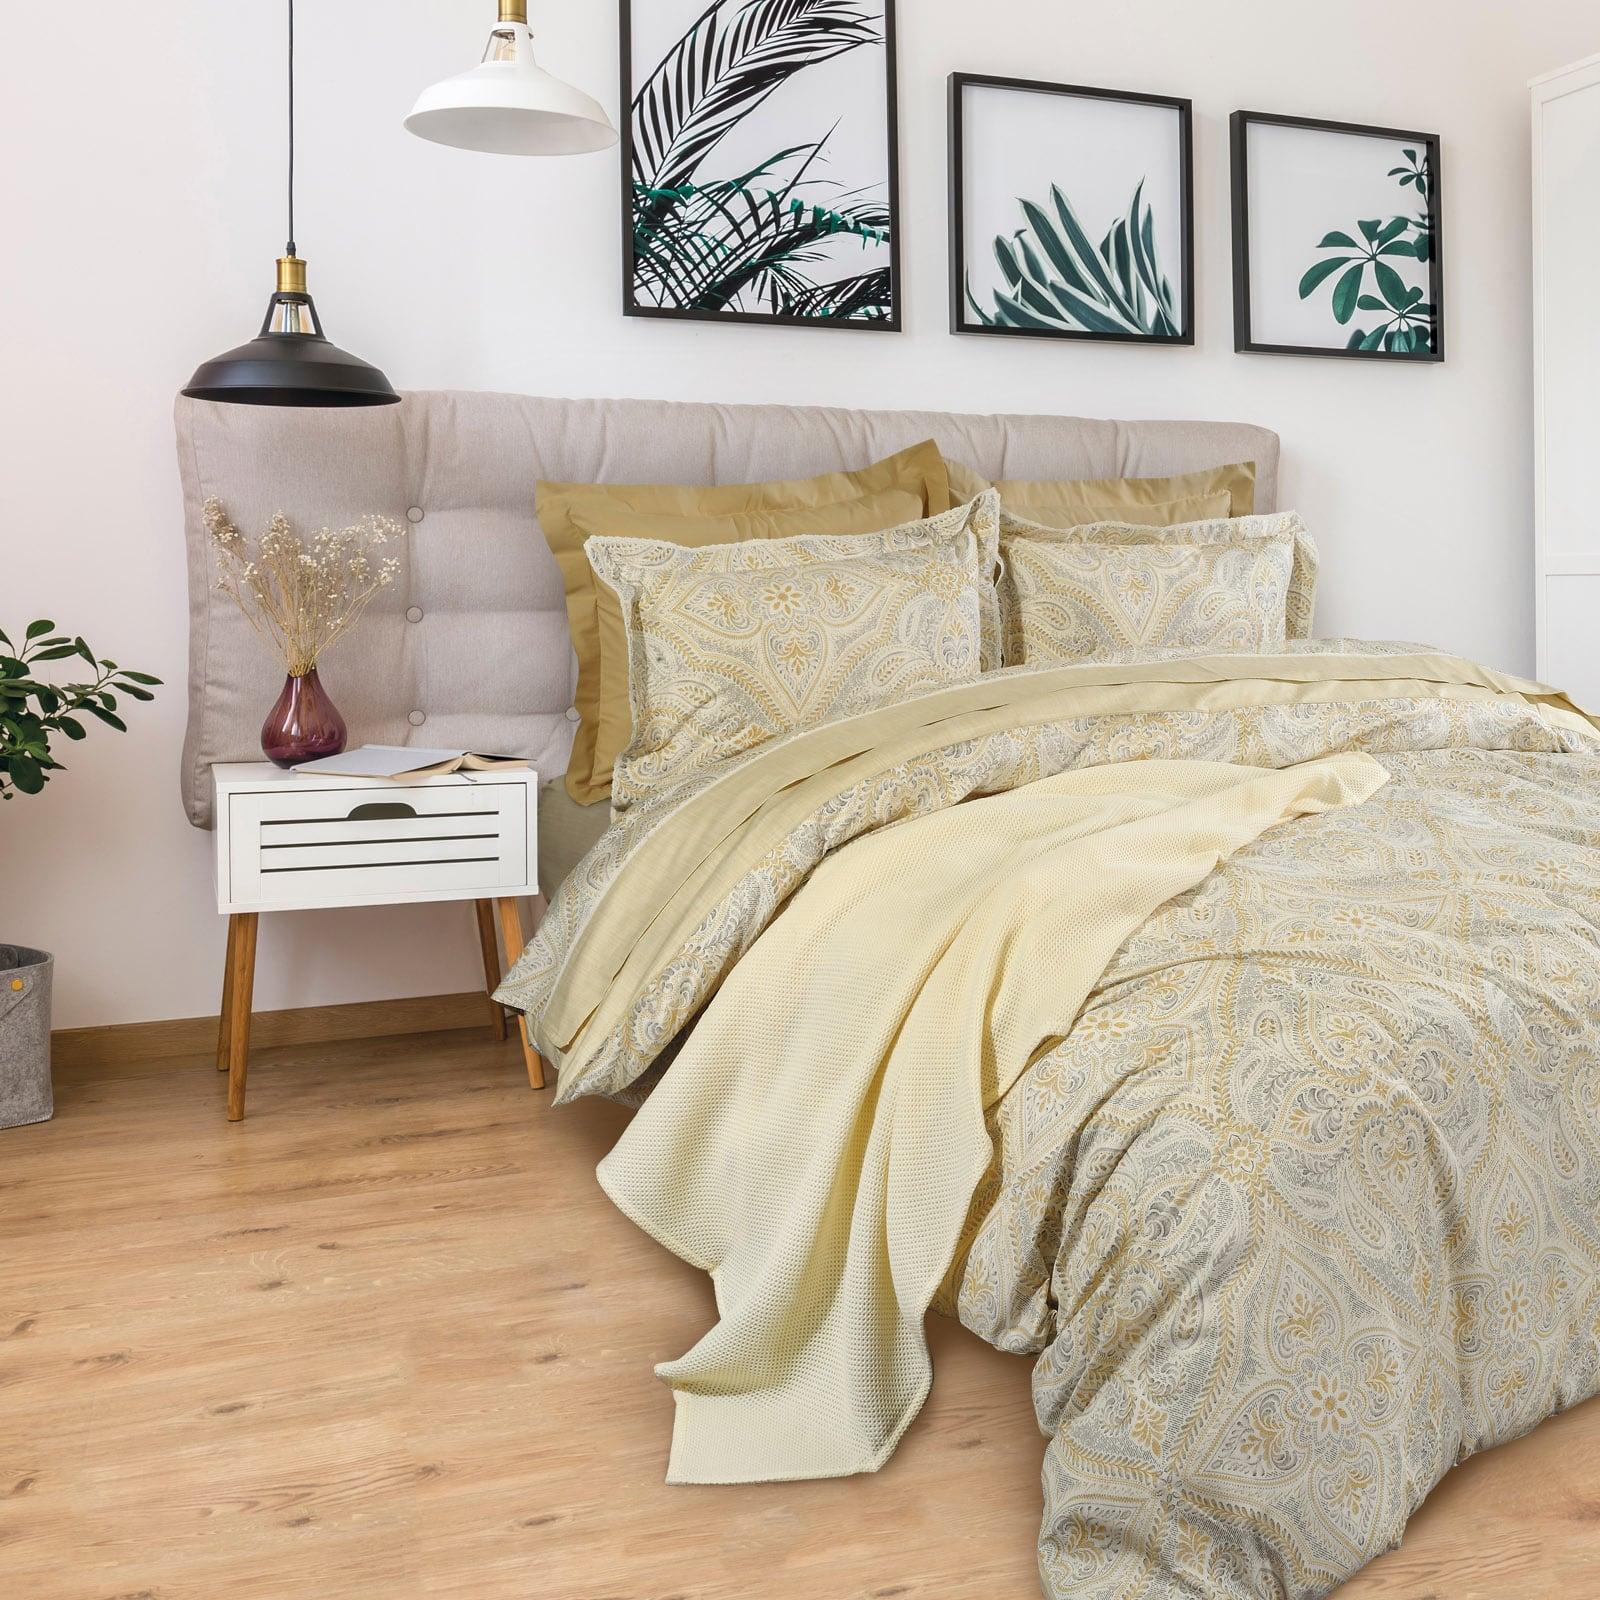 Σεντόνια Σετ 4τμχ 1624 Prestige Yellow-Beige Das Home Υπέρδιπλo 230x260cm